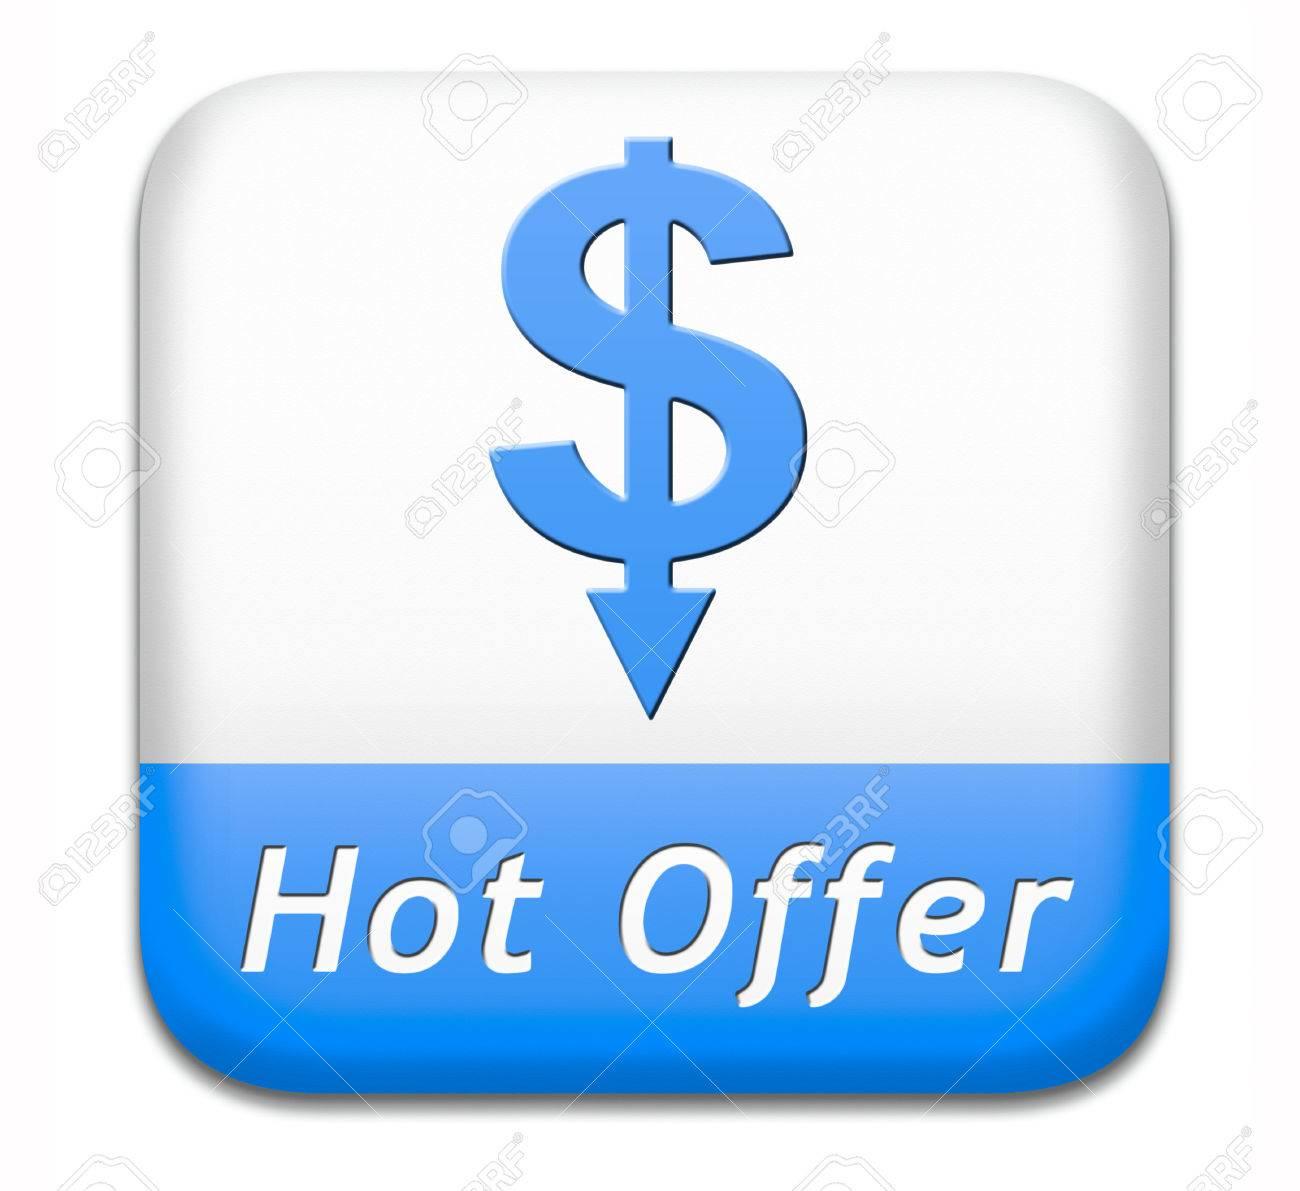 la meilleure offre internet